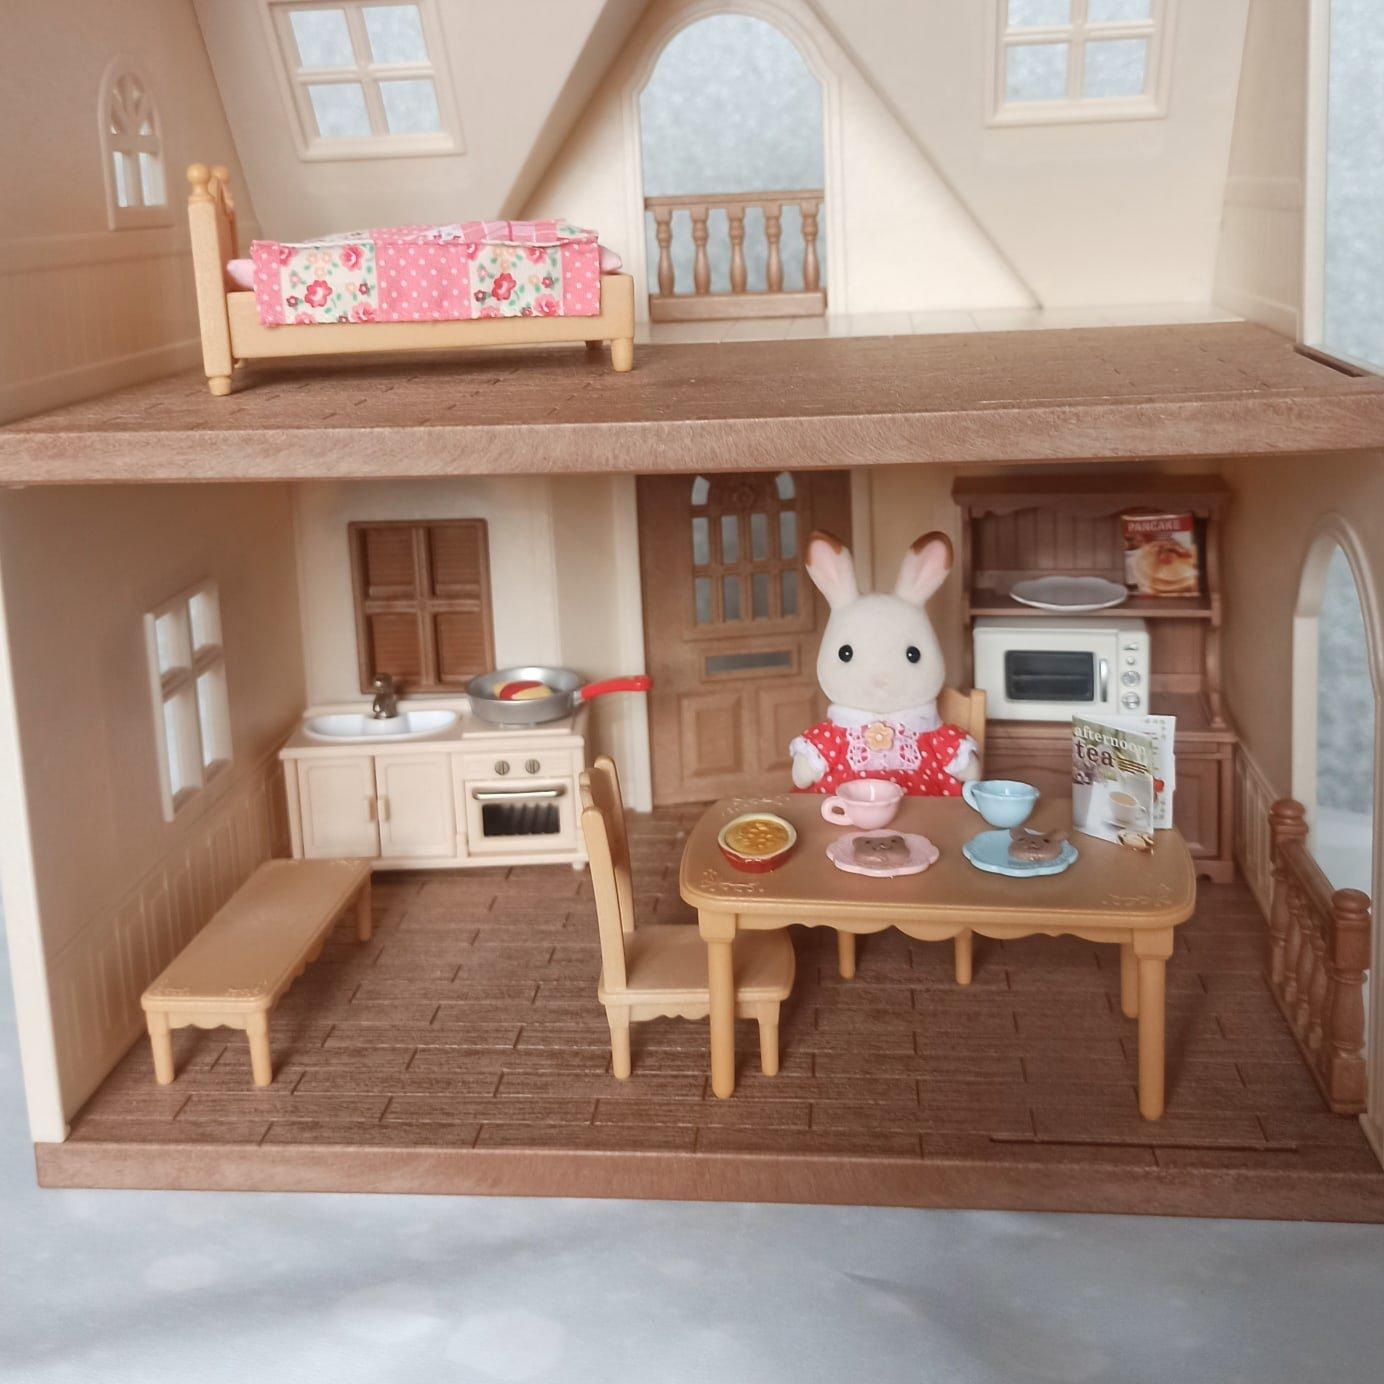 Комплект принадлежностей для кухни и мебели для игрового набора Sylvanian Families. - aliexpress